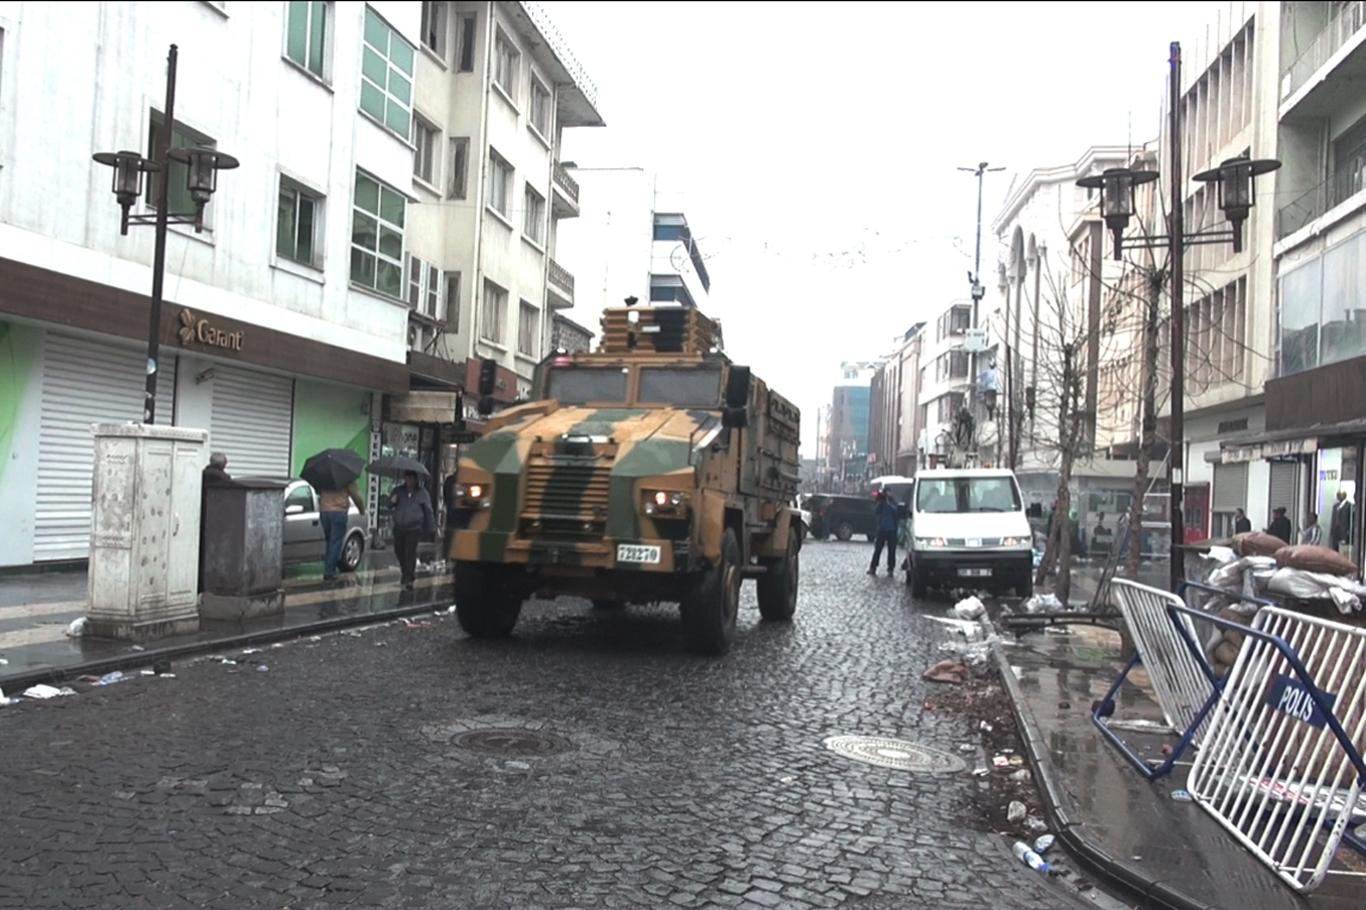 'Özyönetim ilanı' soruşturması ardından keskin nişancı alarmı